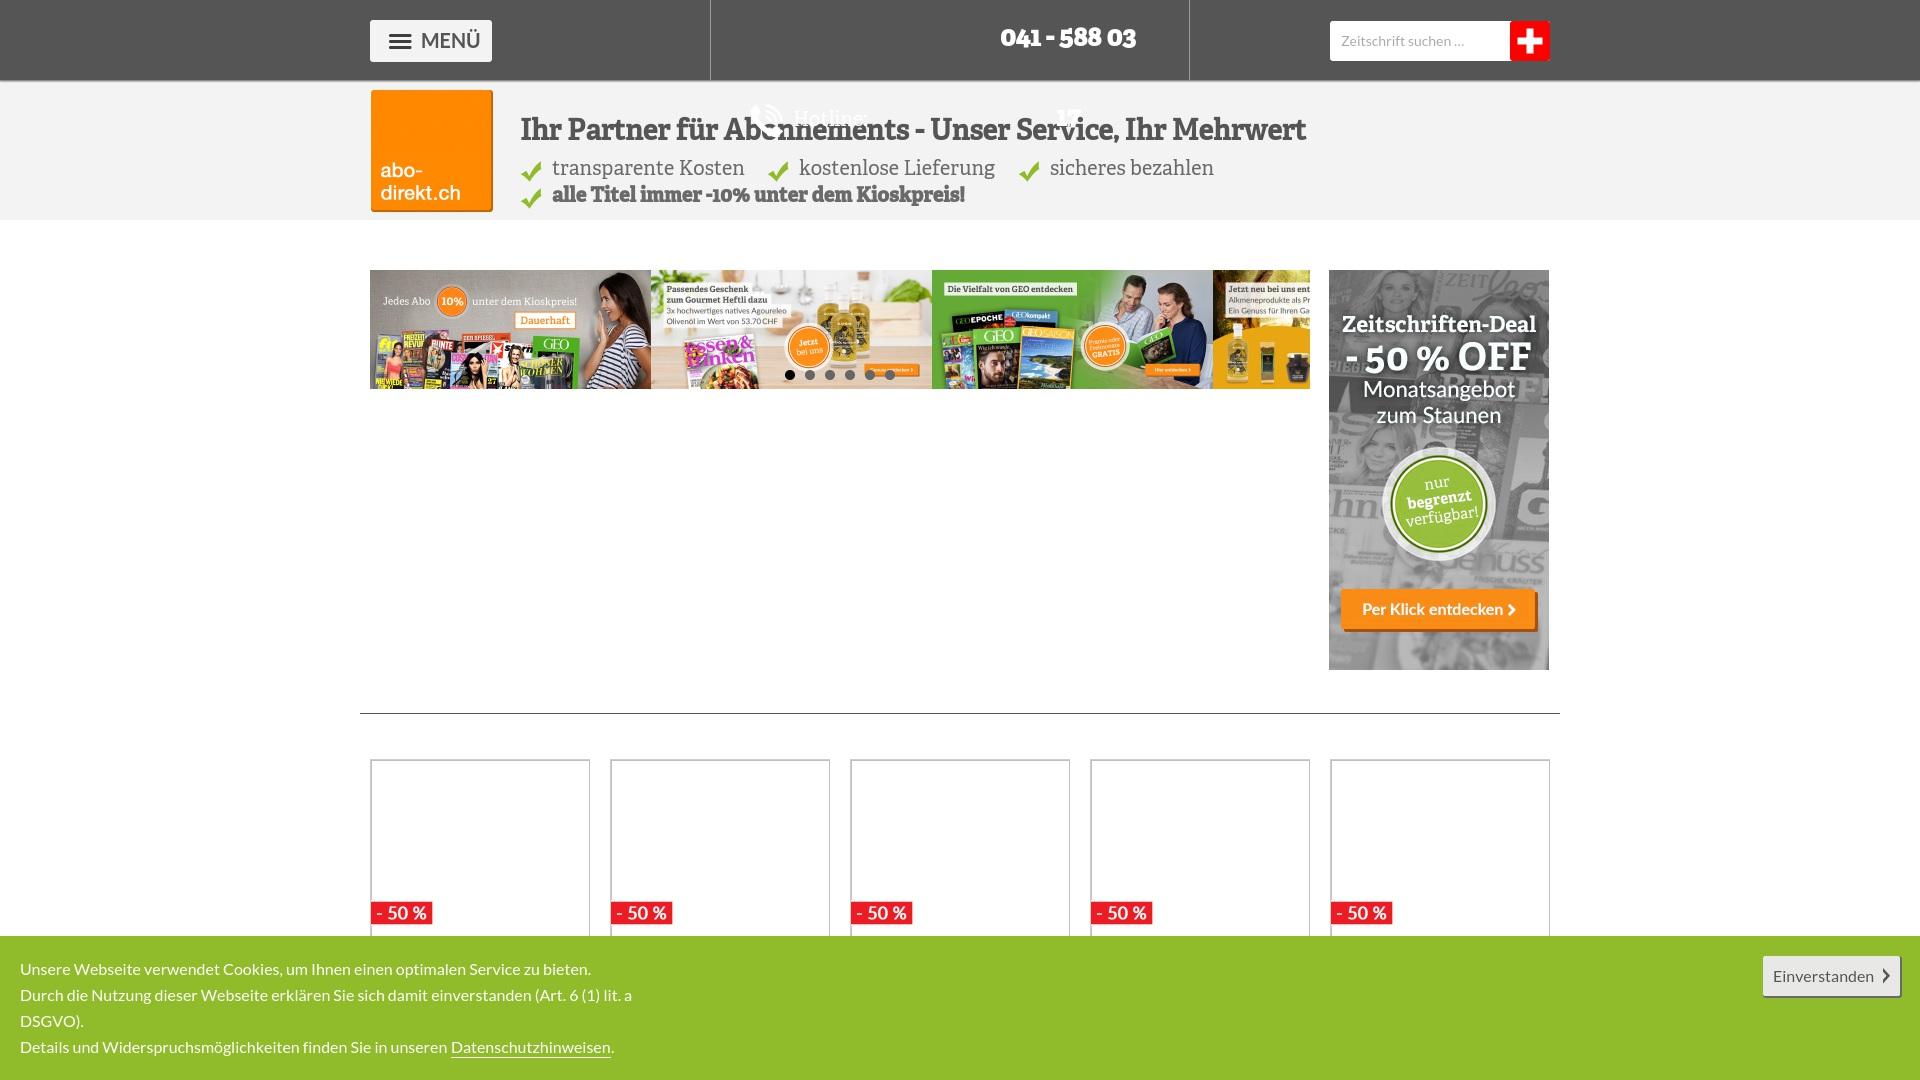 Gutschein für Abo-direkt: Rabatte für  Abo-direkt sichern